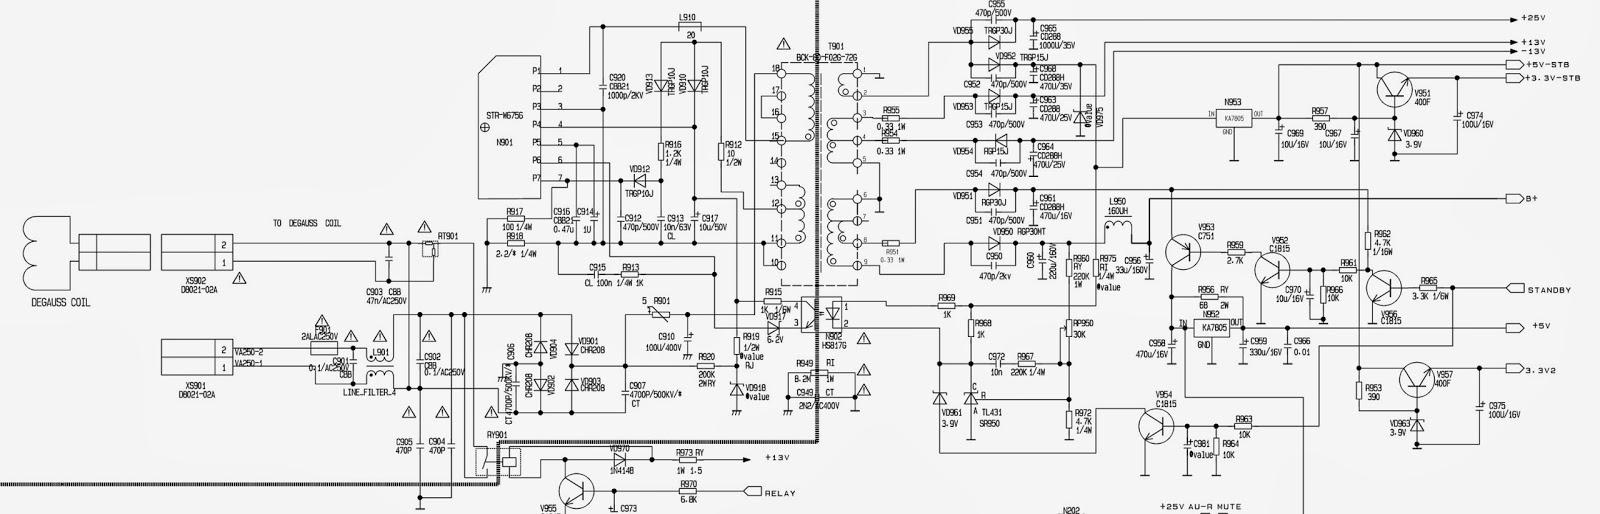 KONKA - KS21TK305_SMPS SCHEMATIC (Circuit Diagram) _ STR-W6756